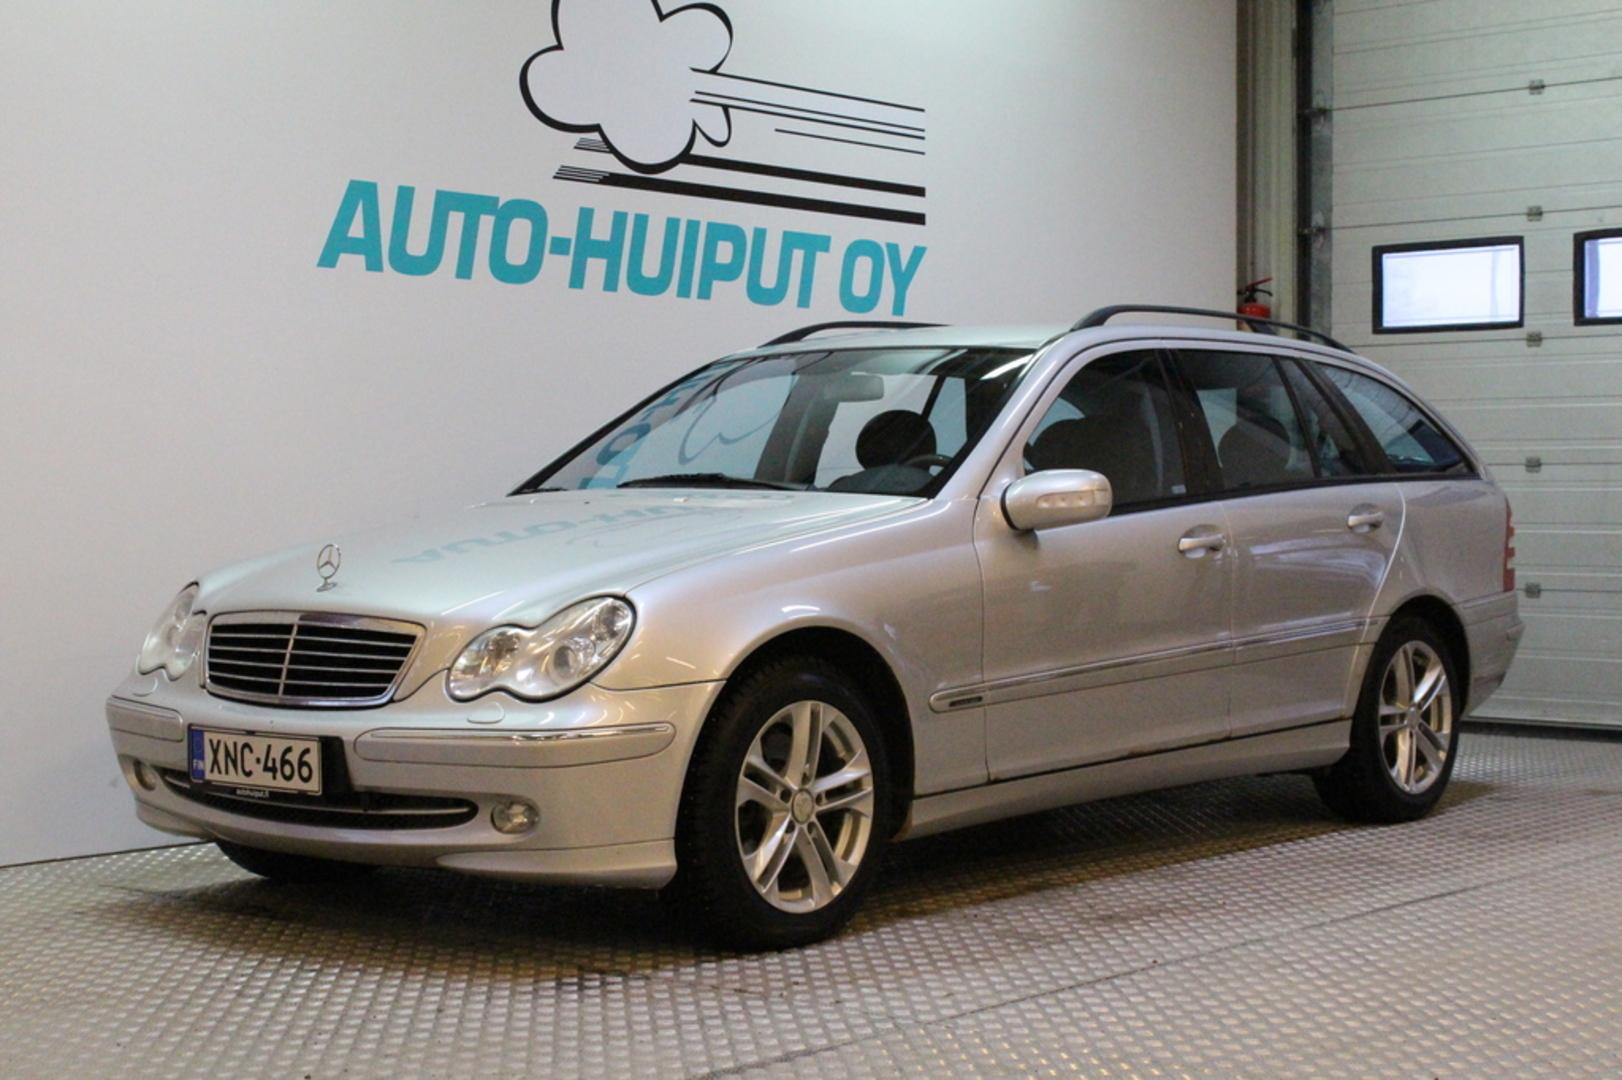 Mercedes-Benz C, 320 4MATIC Avantgarde #Nahkapenkit #Neliveto #Xenonit**Käsiraha alk.0e**